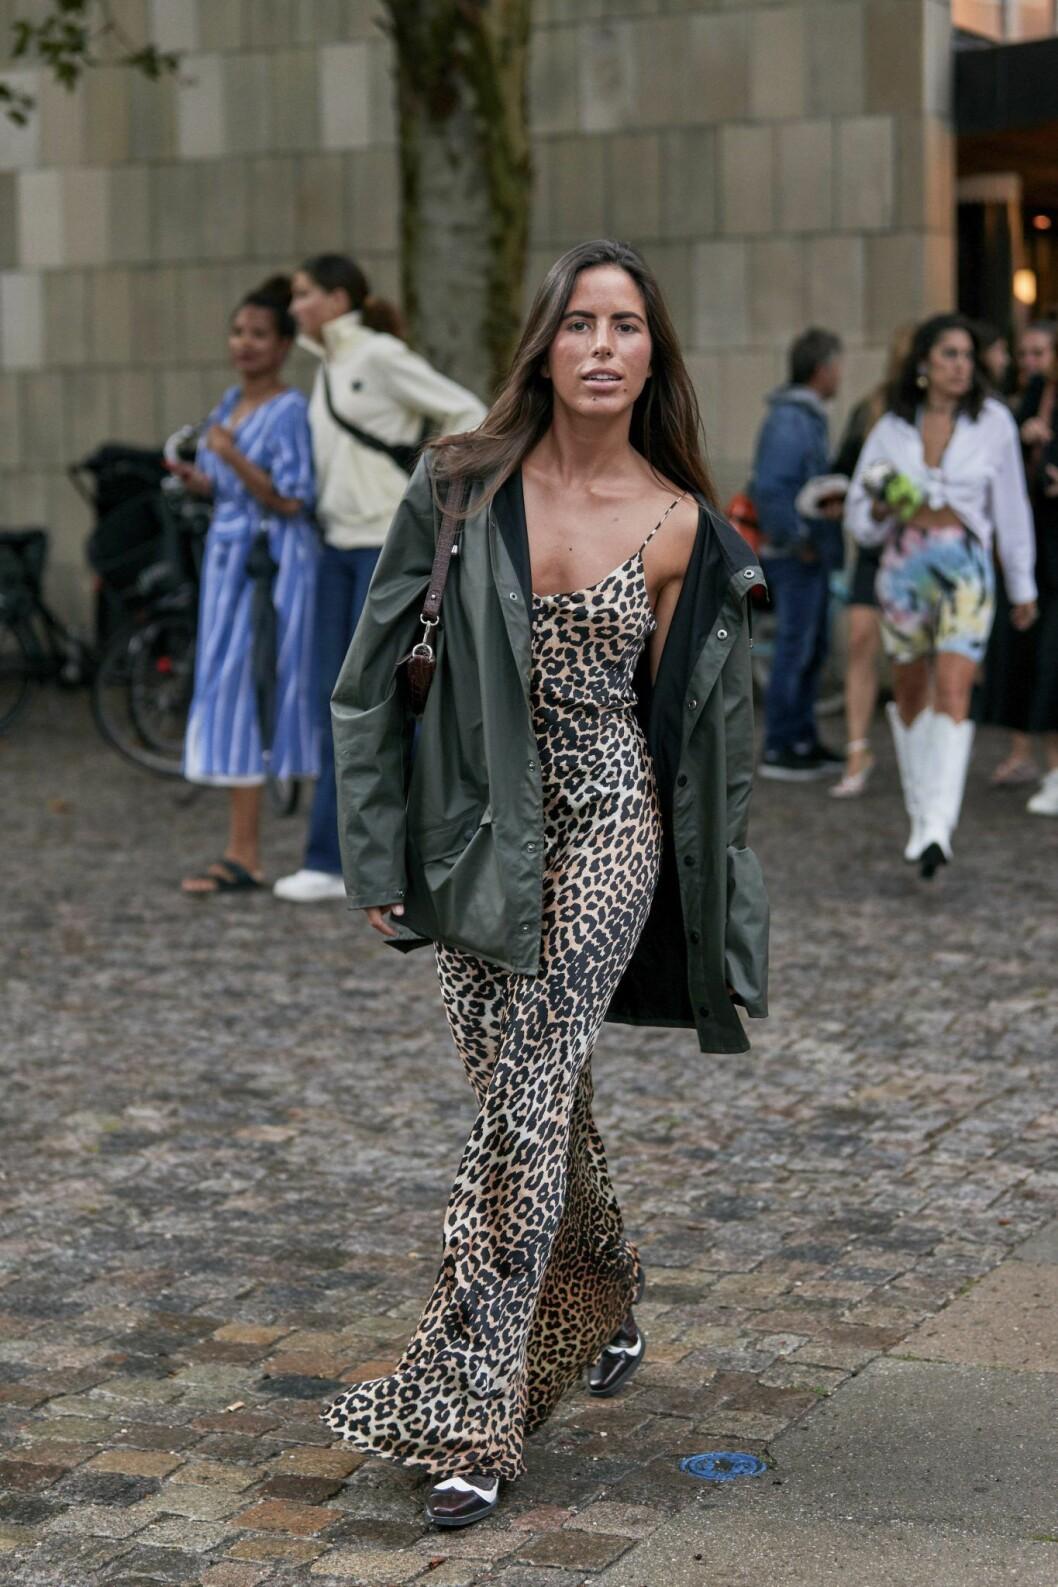 Slipklänning i leopard från streetstyle under modevecka i Köpenhamn.